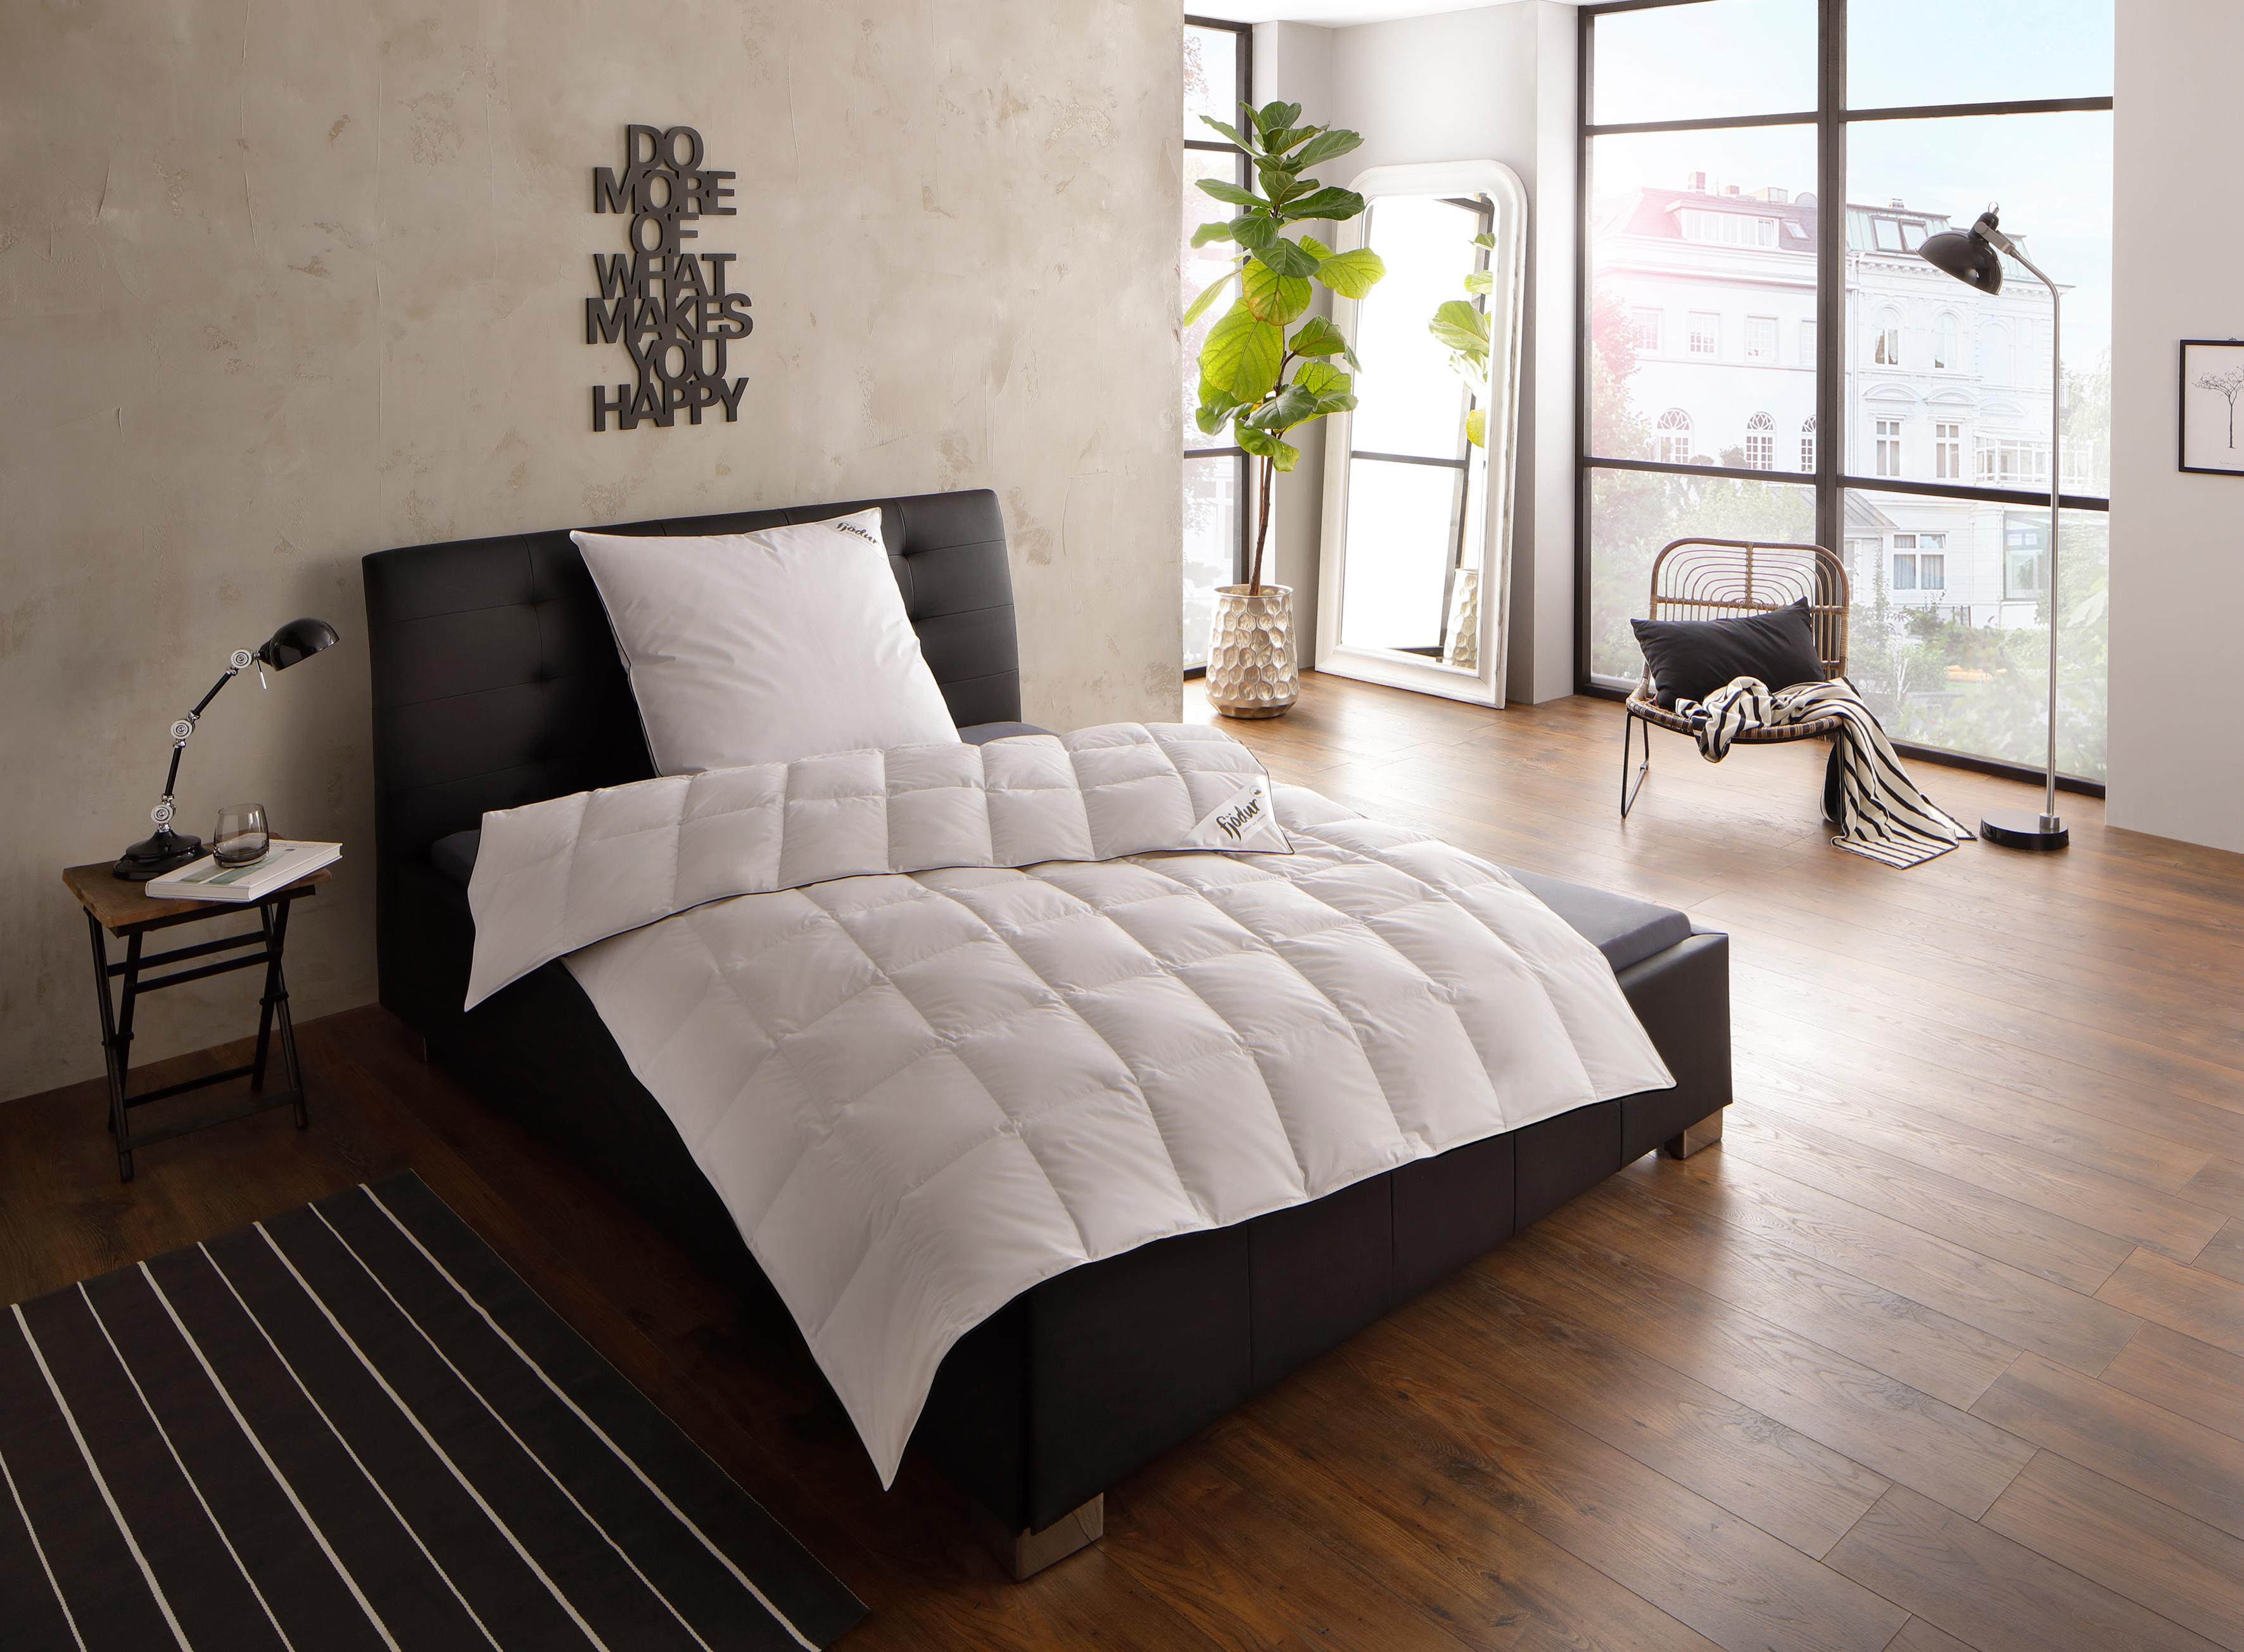 daunenbetten 135x200 preisvergleich die besten angebote online kaufen. Black Bedroom Furniture Sets. Home Design Ideas